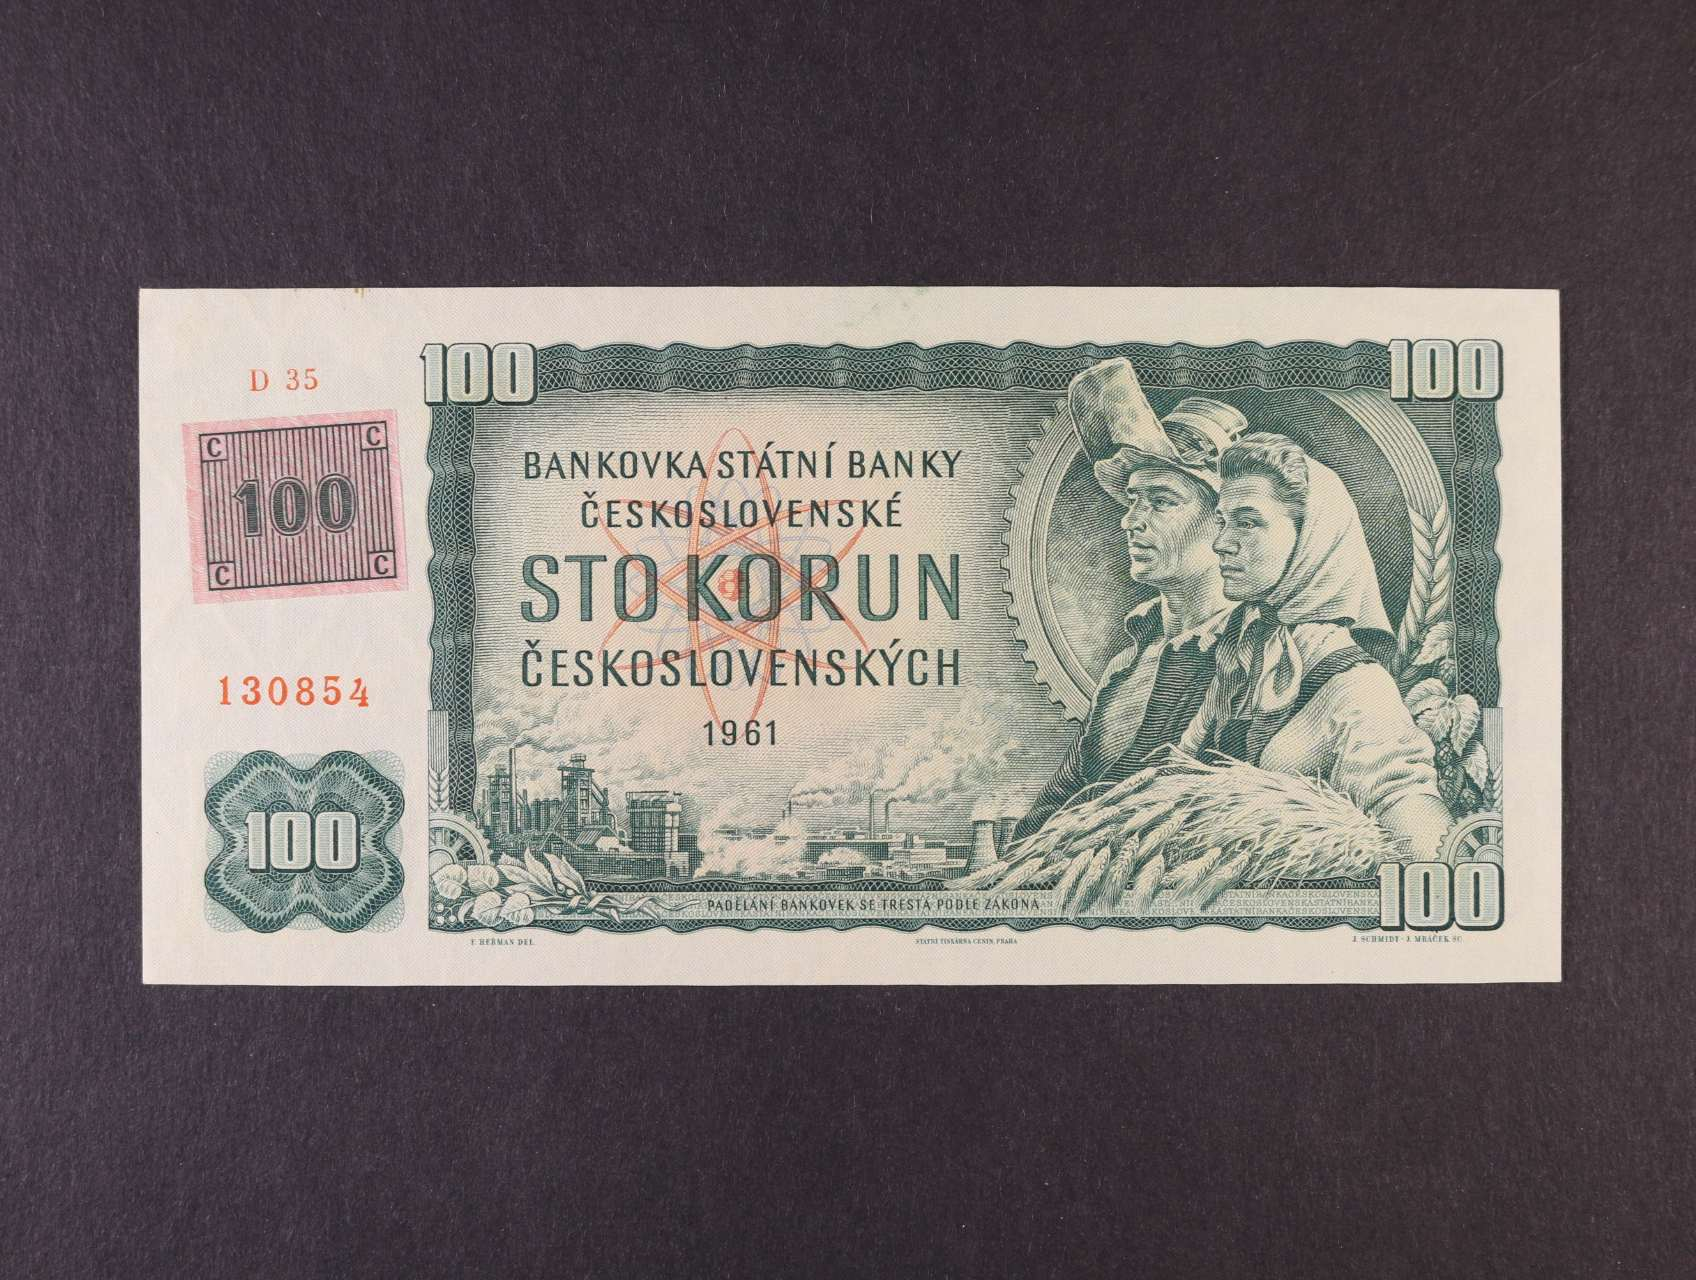 100 Kčs/Kč 1961/93 série D 35 kolkovaná, vodoznaková výztuž na líci bankovky, Ba. CZ 1a2, Pi. 1